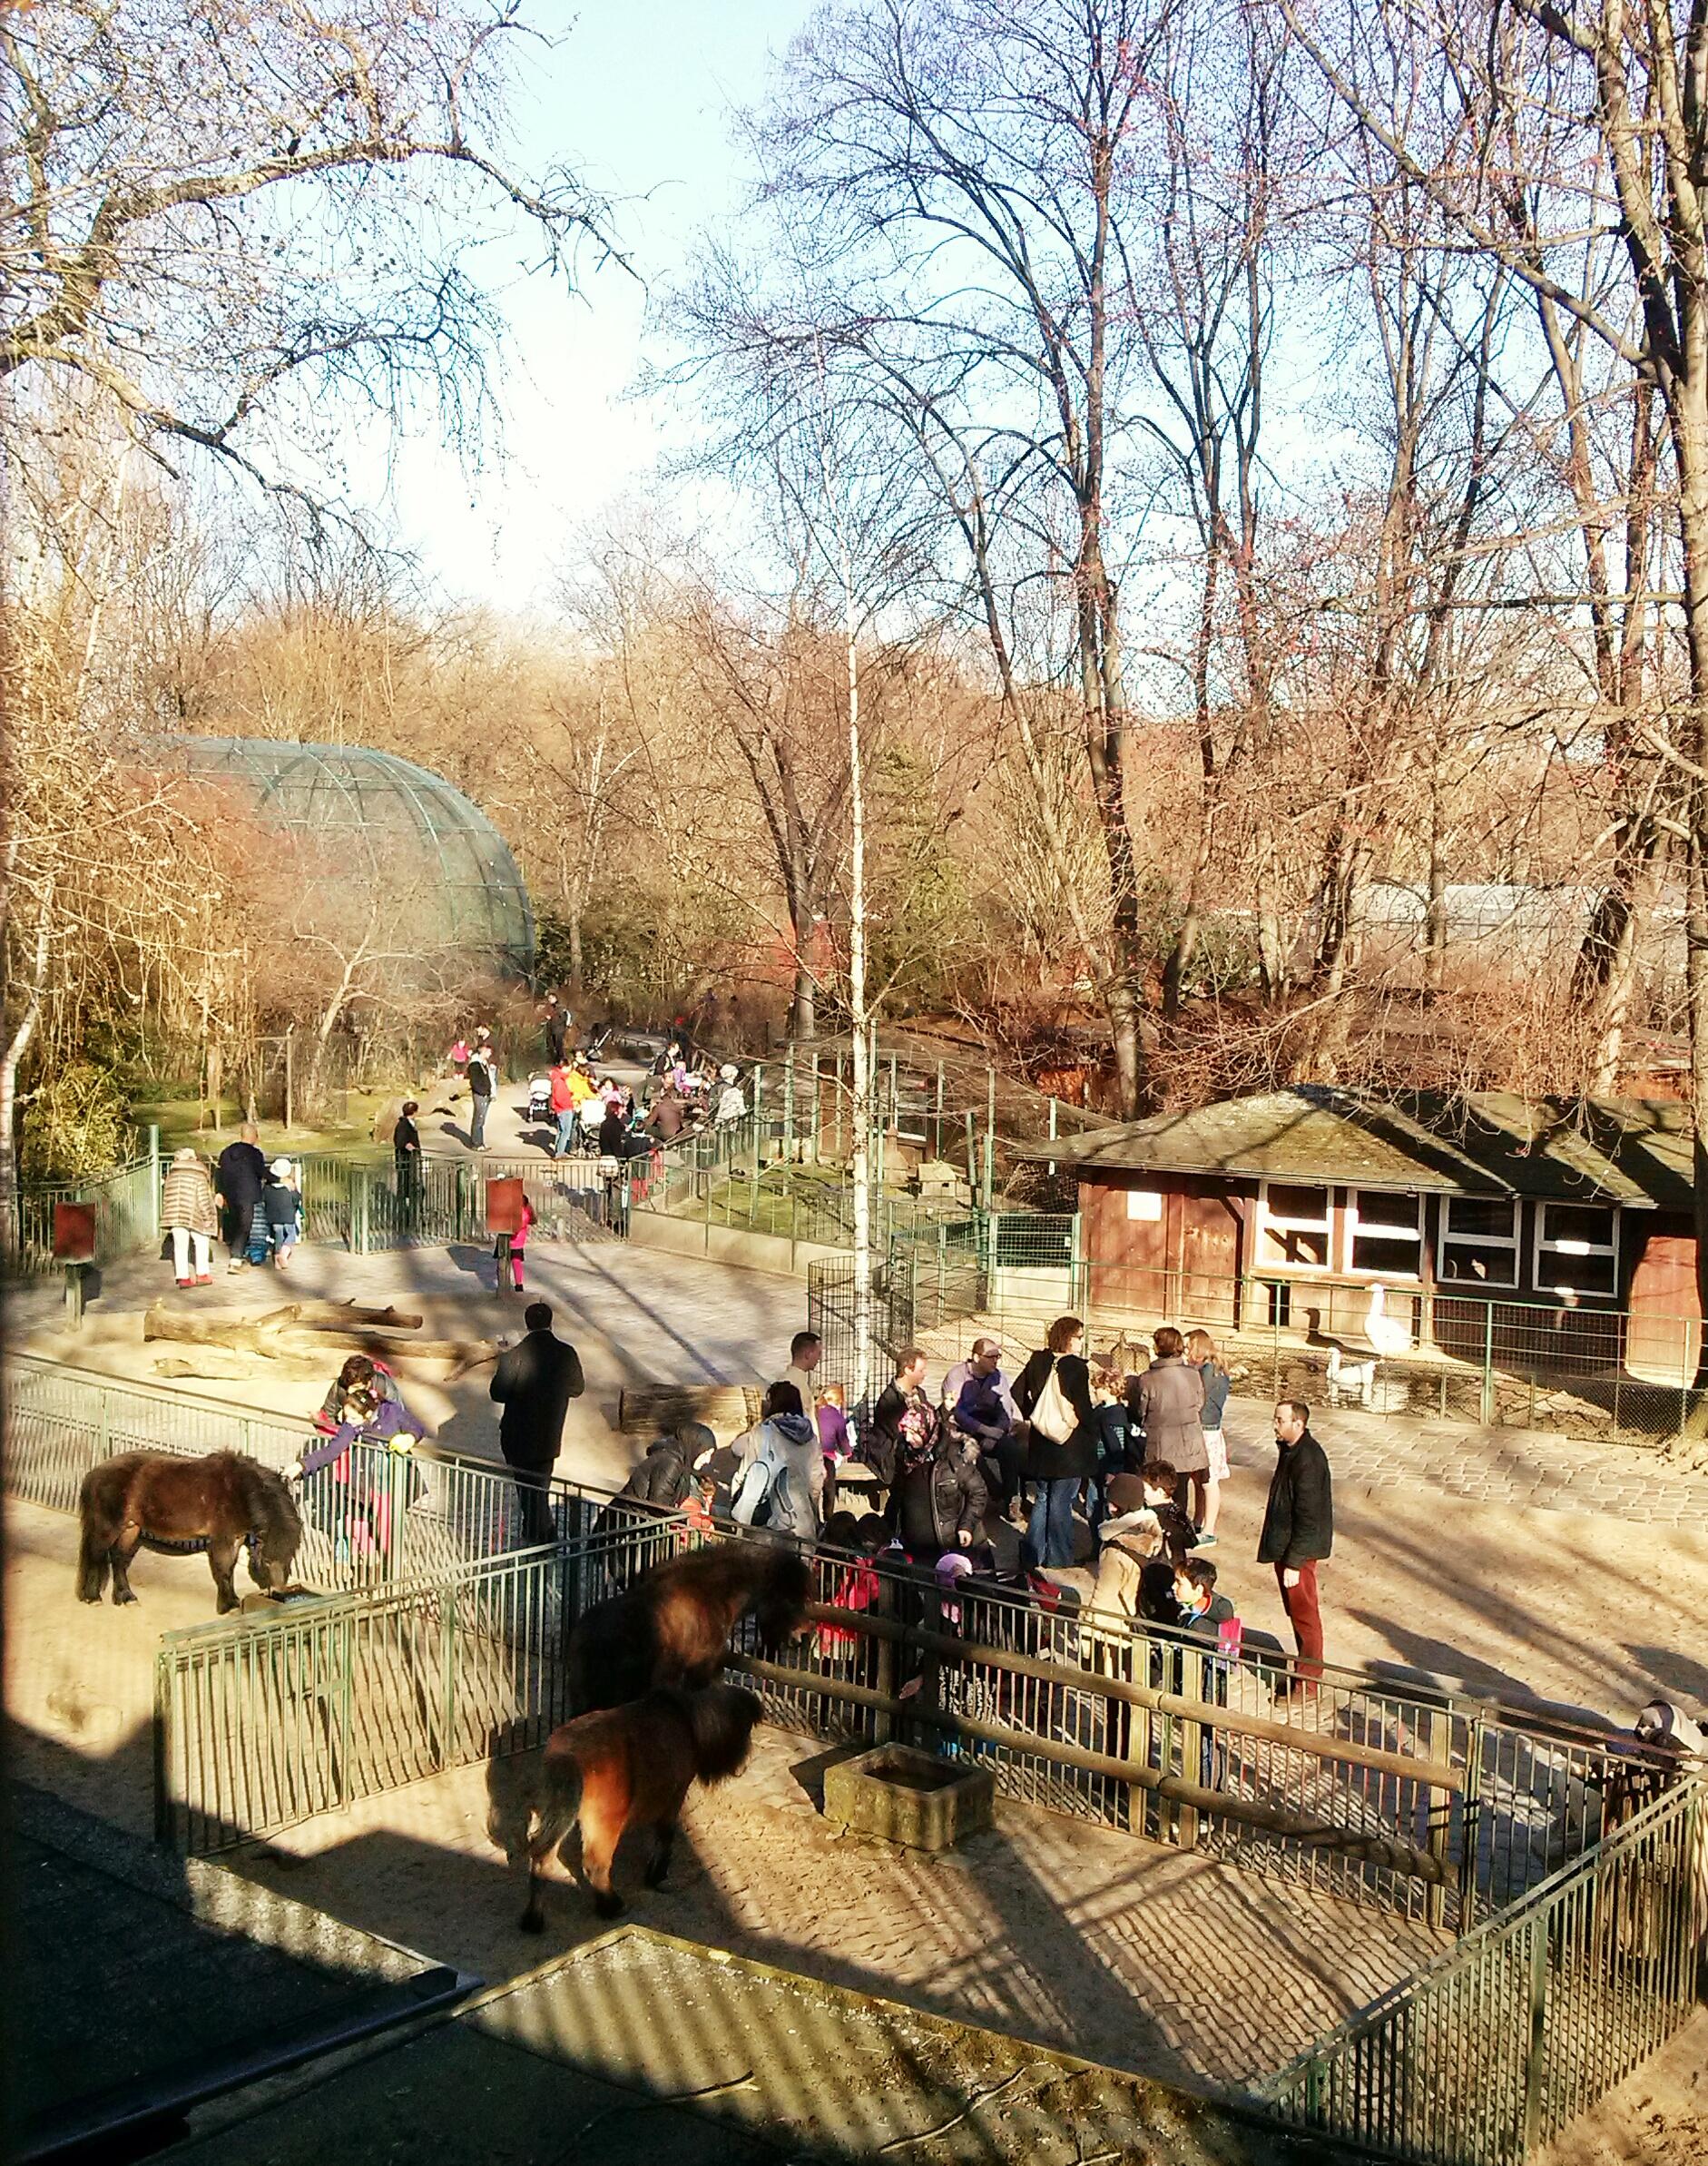 Ο ζωολογικός κήπος.